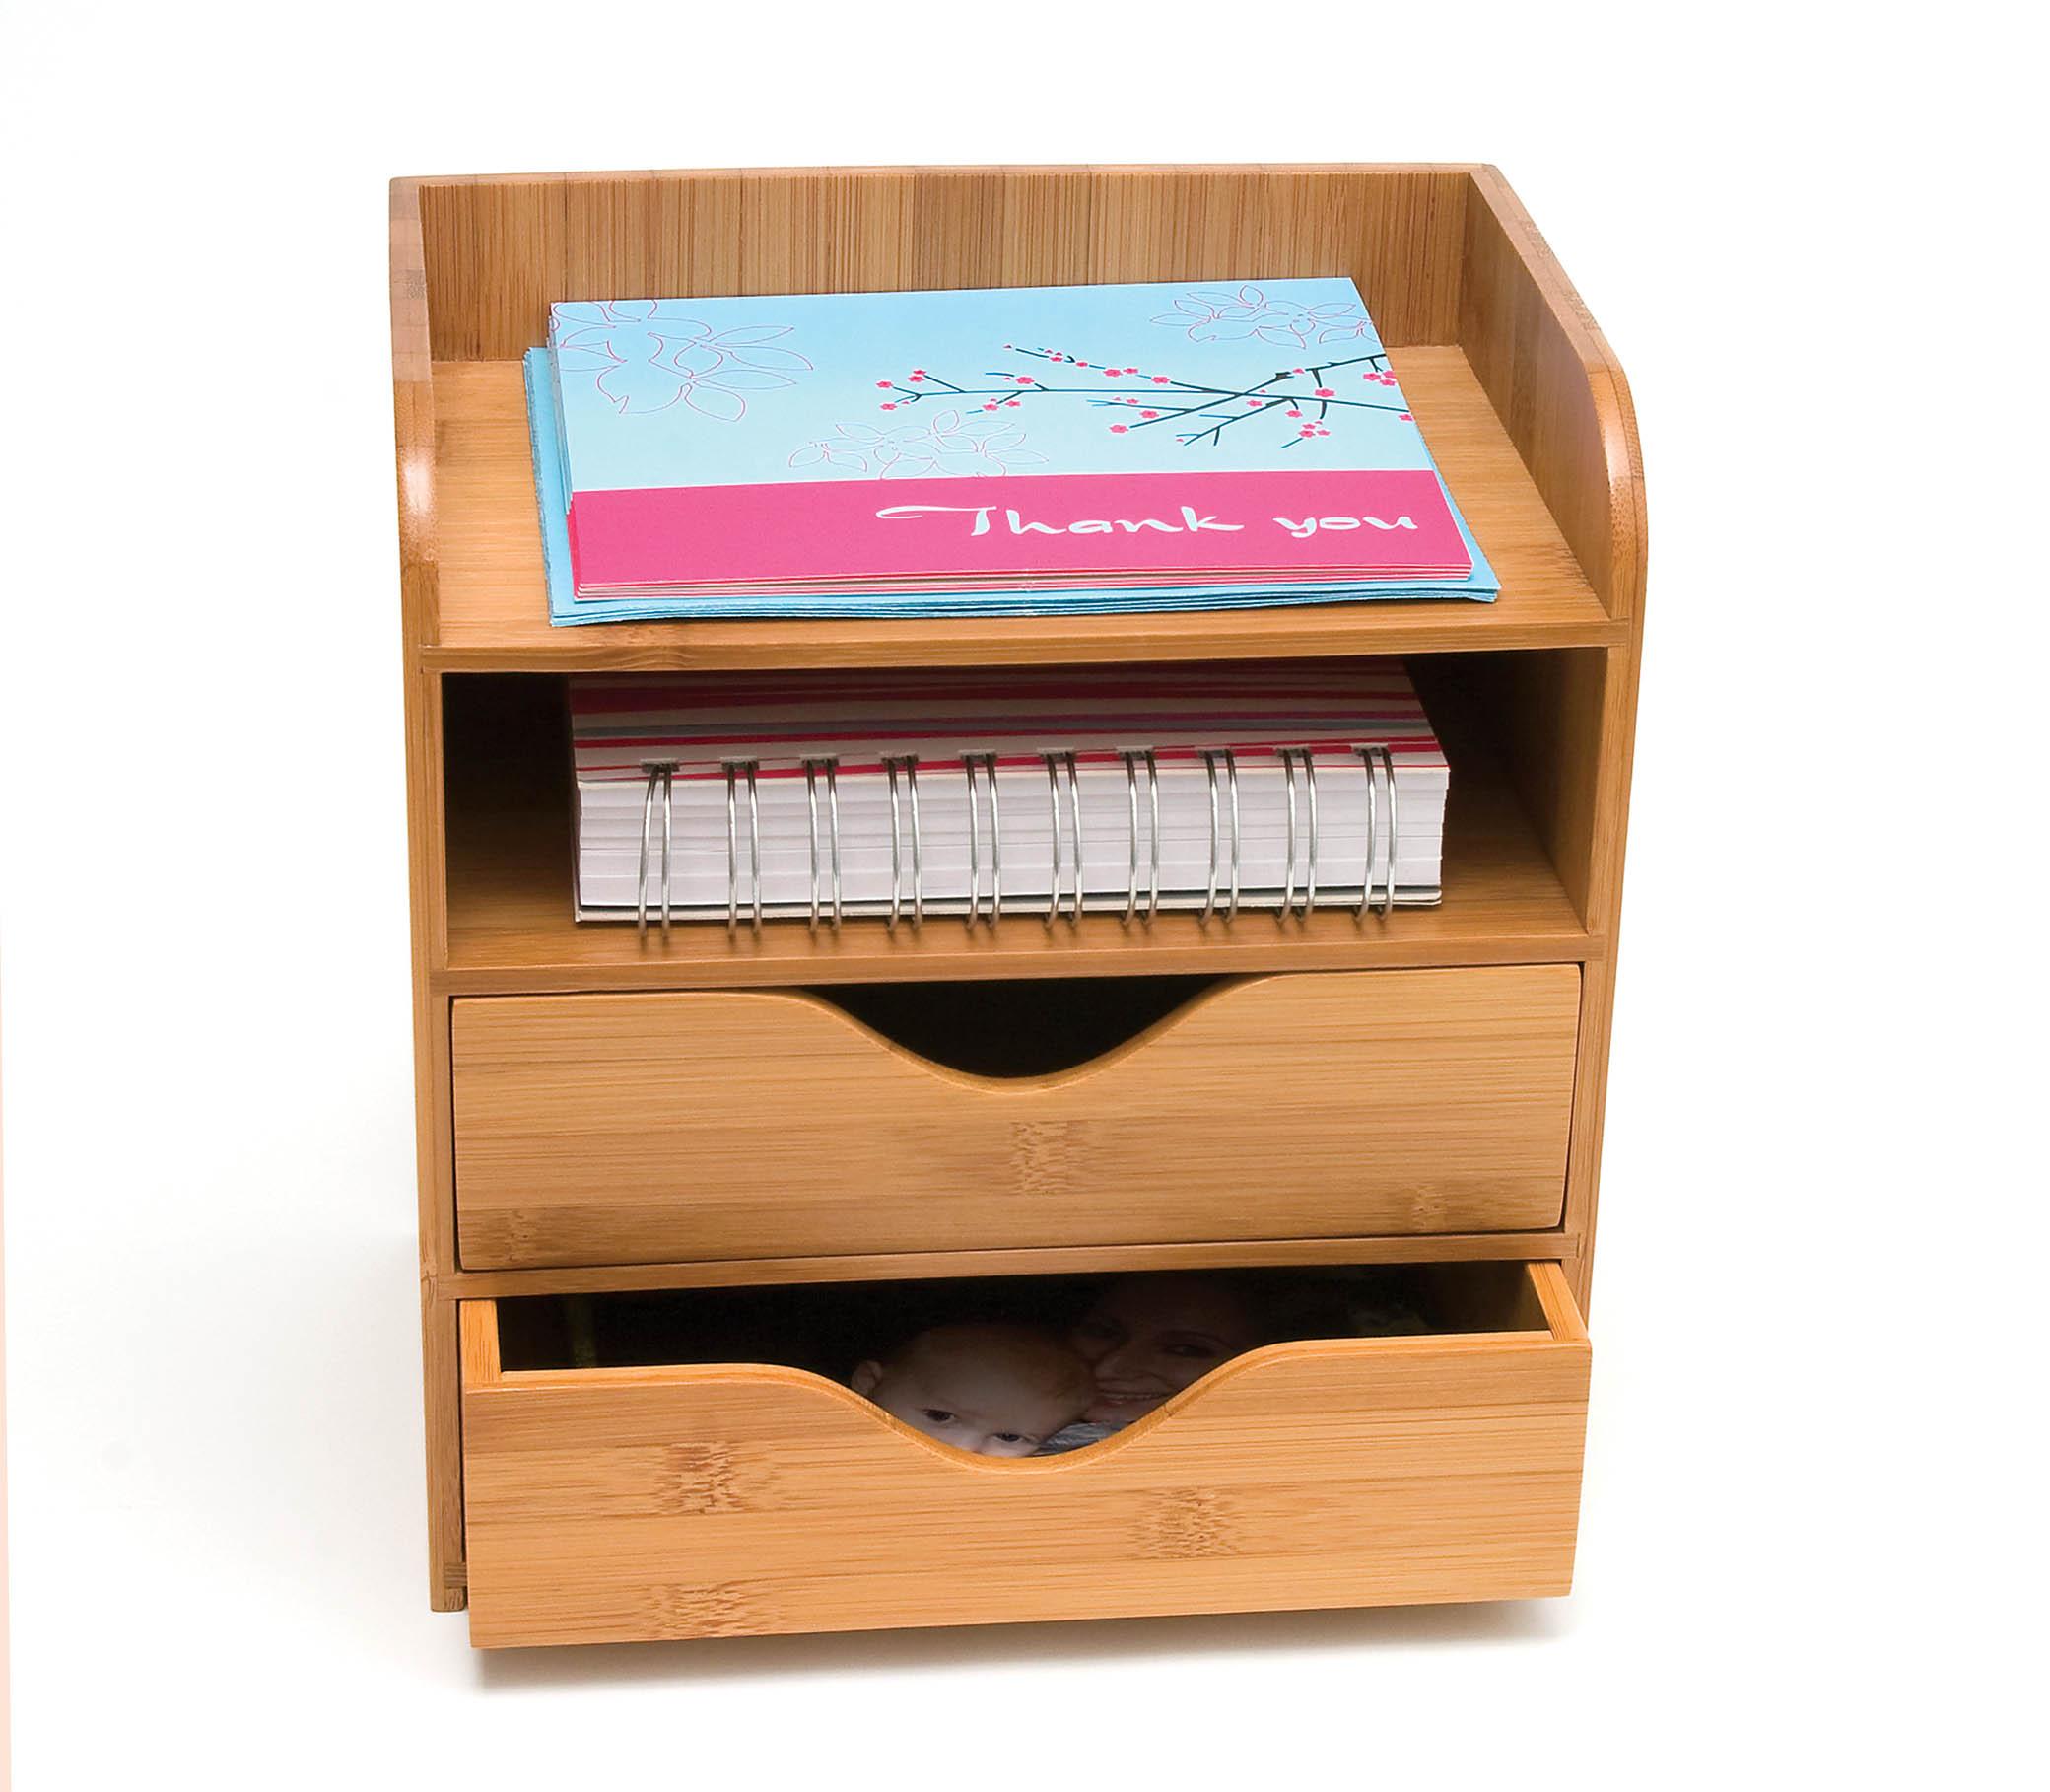 folder office drawer brilliant holder desks shelf desktop organizer pc desk visualizer rack file supplies design for sorter storage